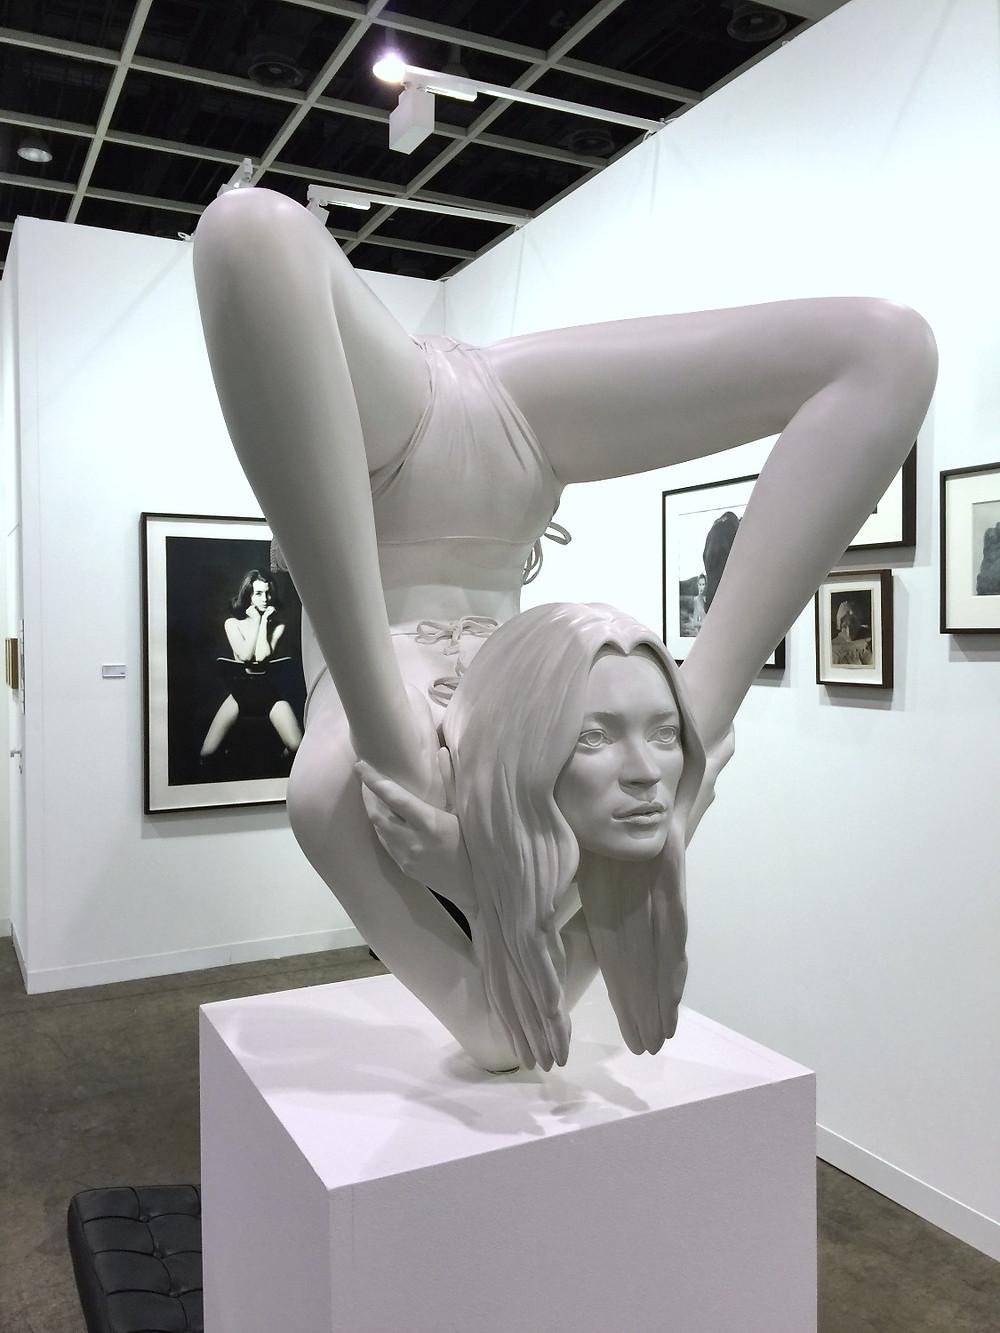 Kate Moss in yogo post - artist unknown - Art Basel HK 2016